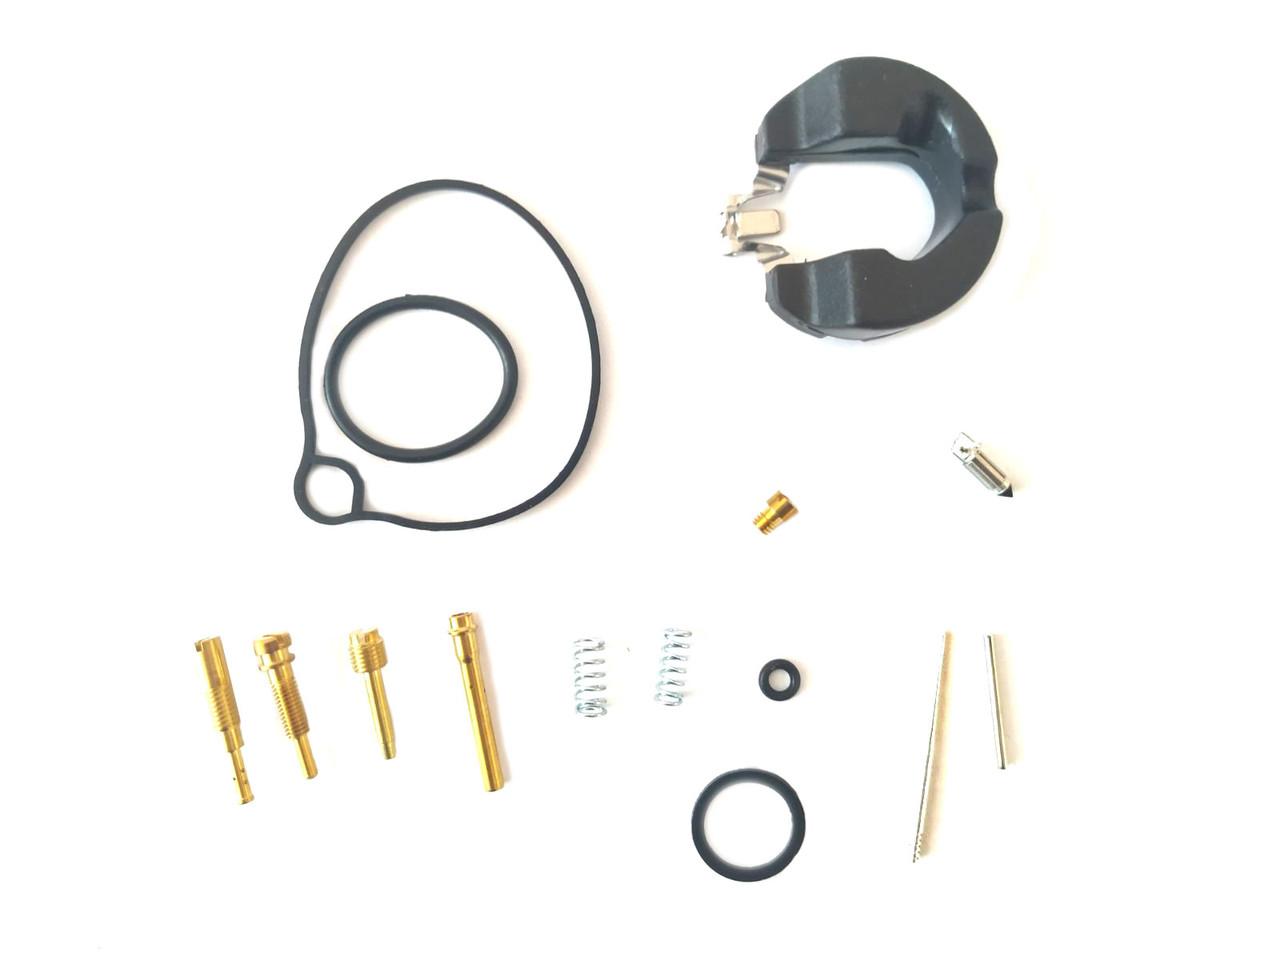 Ремкомплект карбюратора HONDA DIO AF-27/28 +жиклер пускового обогатителя 'LIPAI'